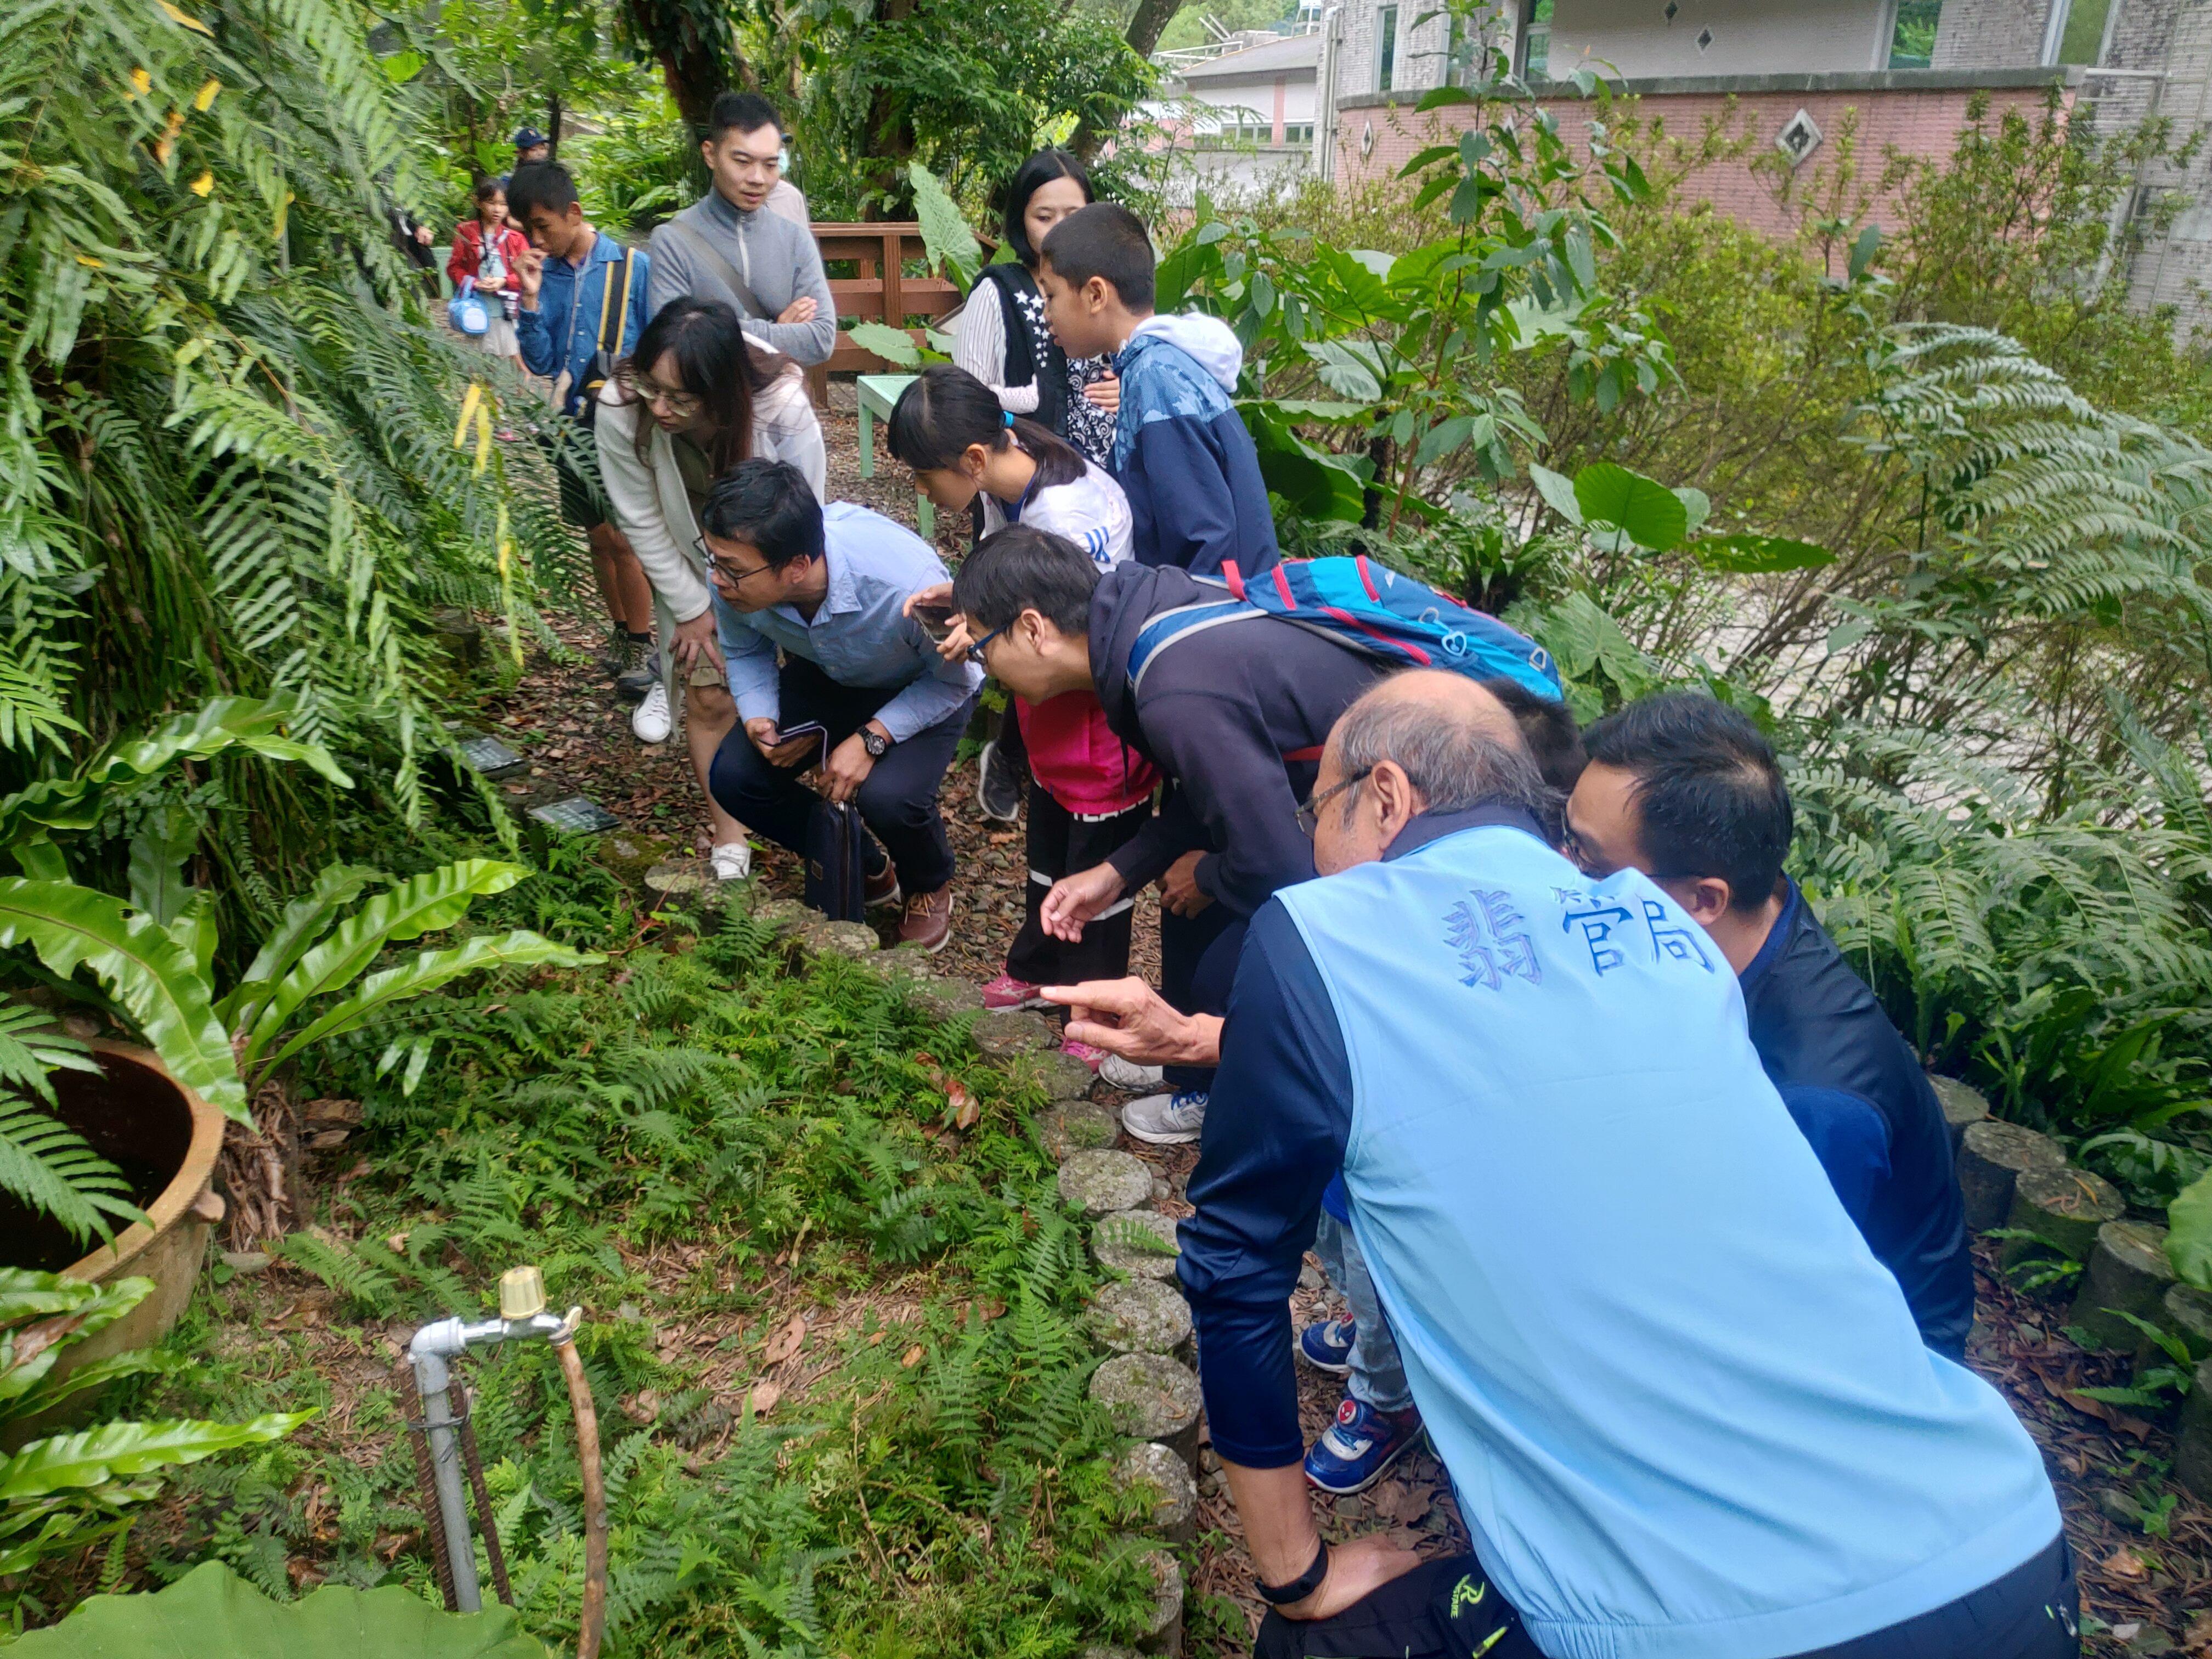 圖片說明:志工老師於蕨園為民眾介紹翡翠樹蛙